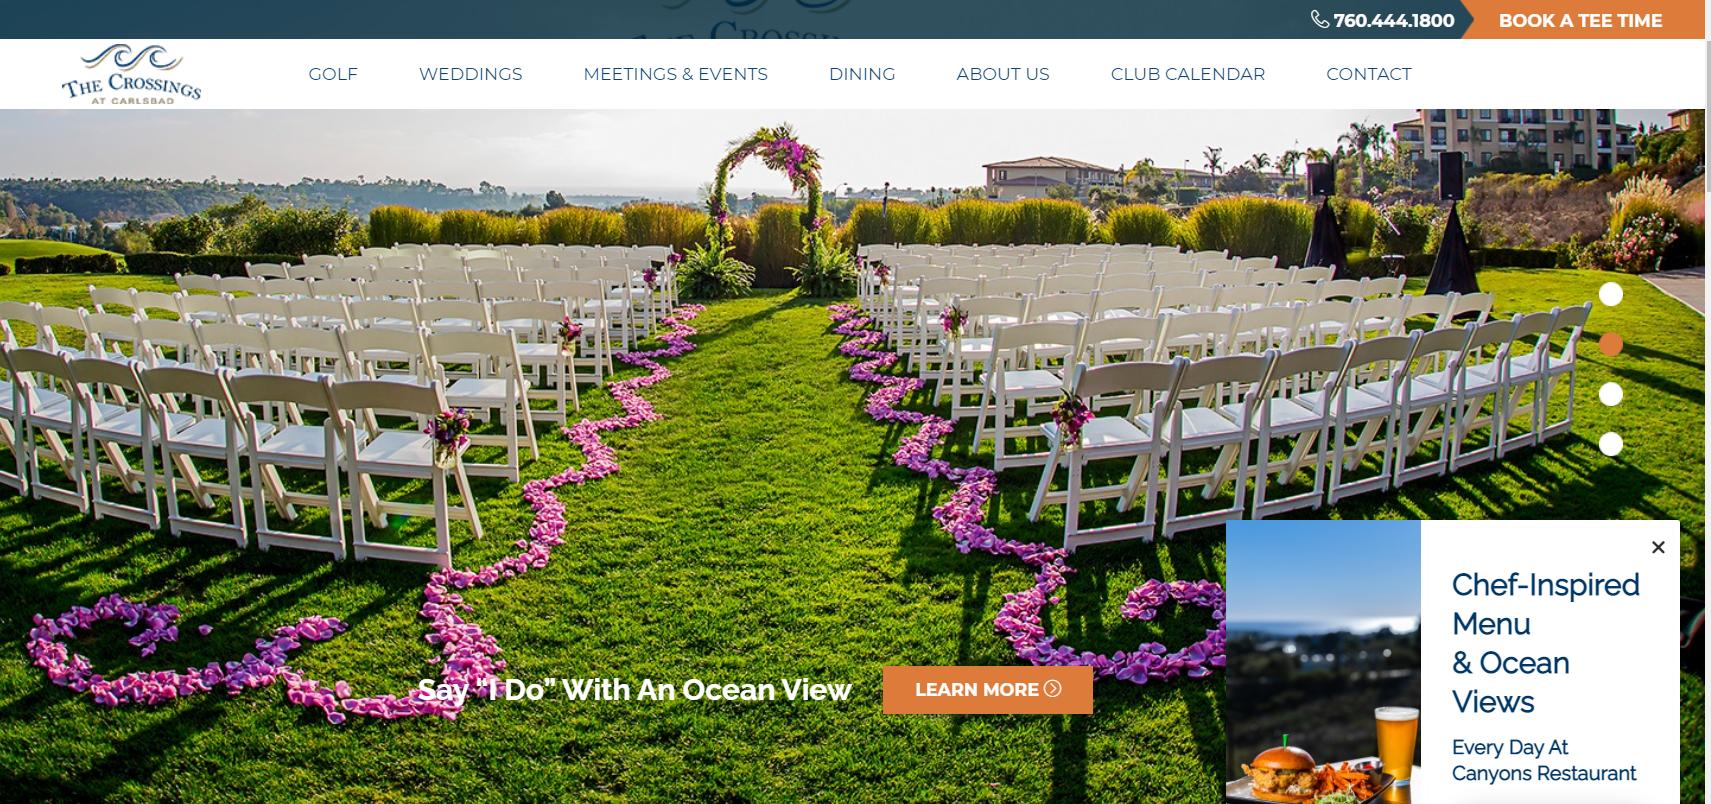 The Crossings Website